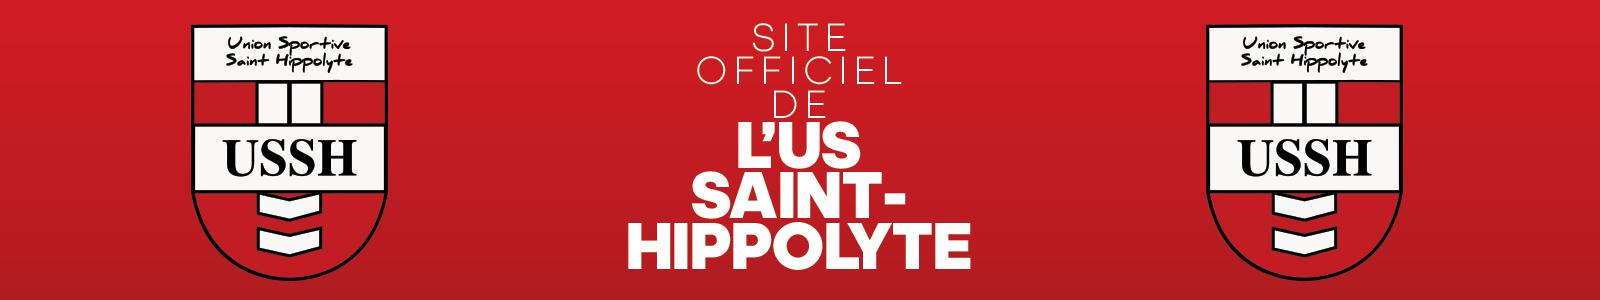 Union Sportive de Saint Hippolyte : site officiel du club de foot de ST HIPPOLYTE - footeo